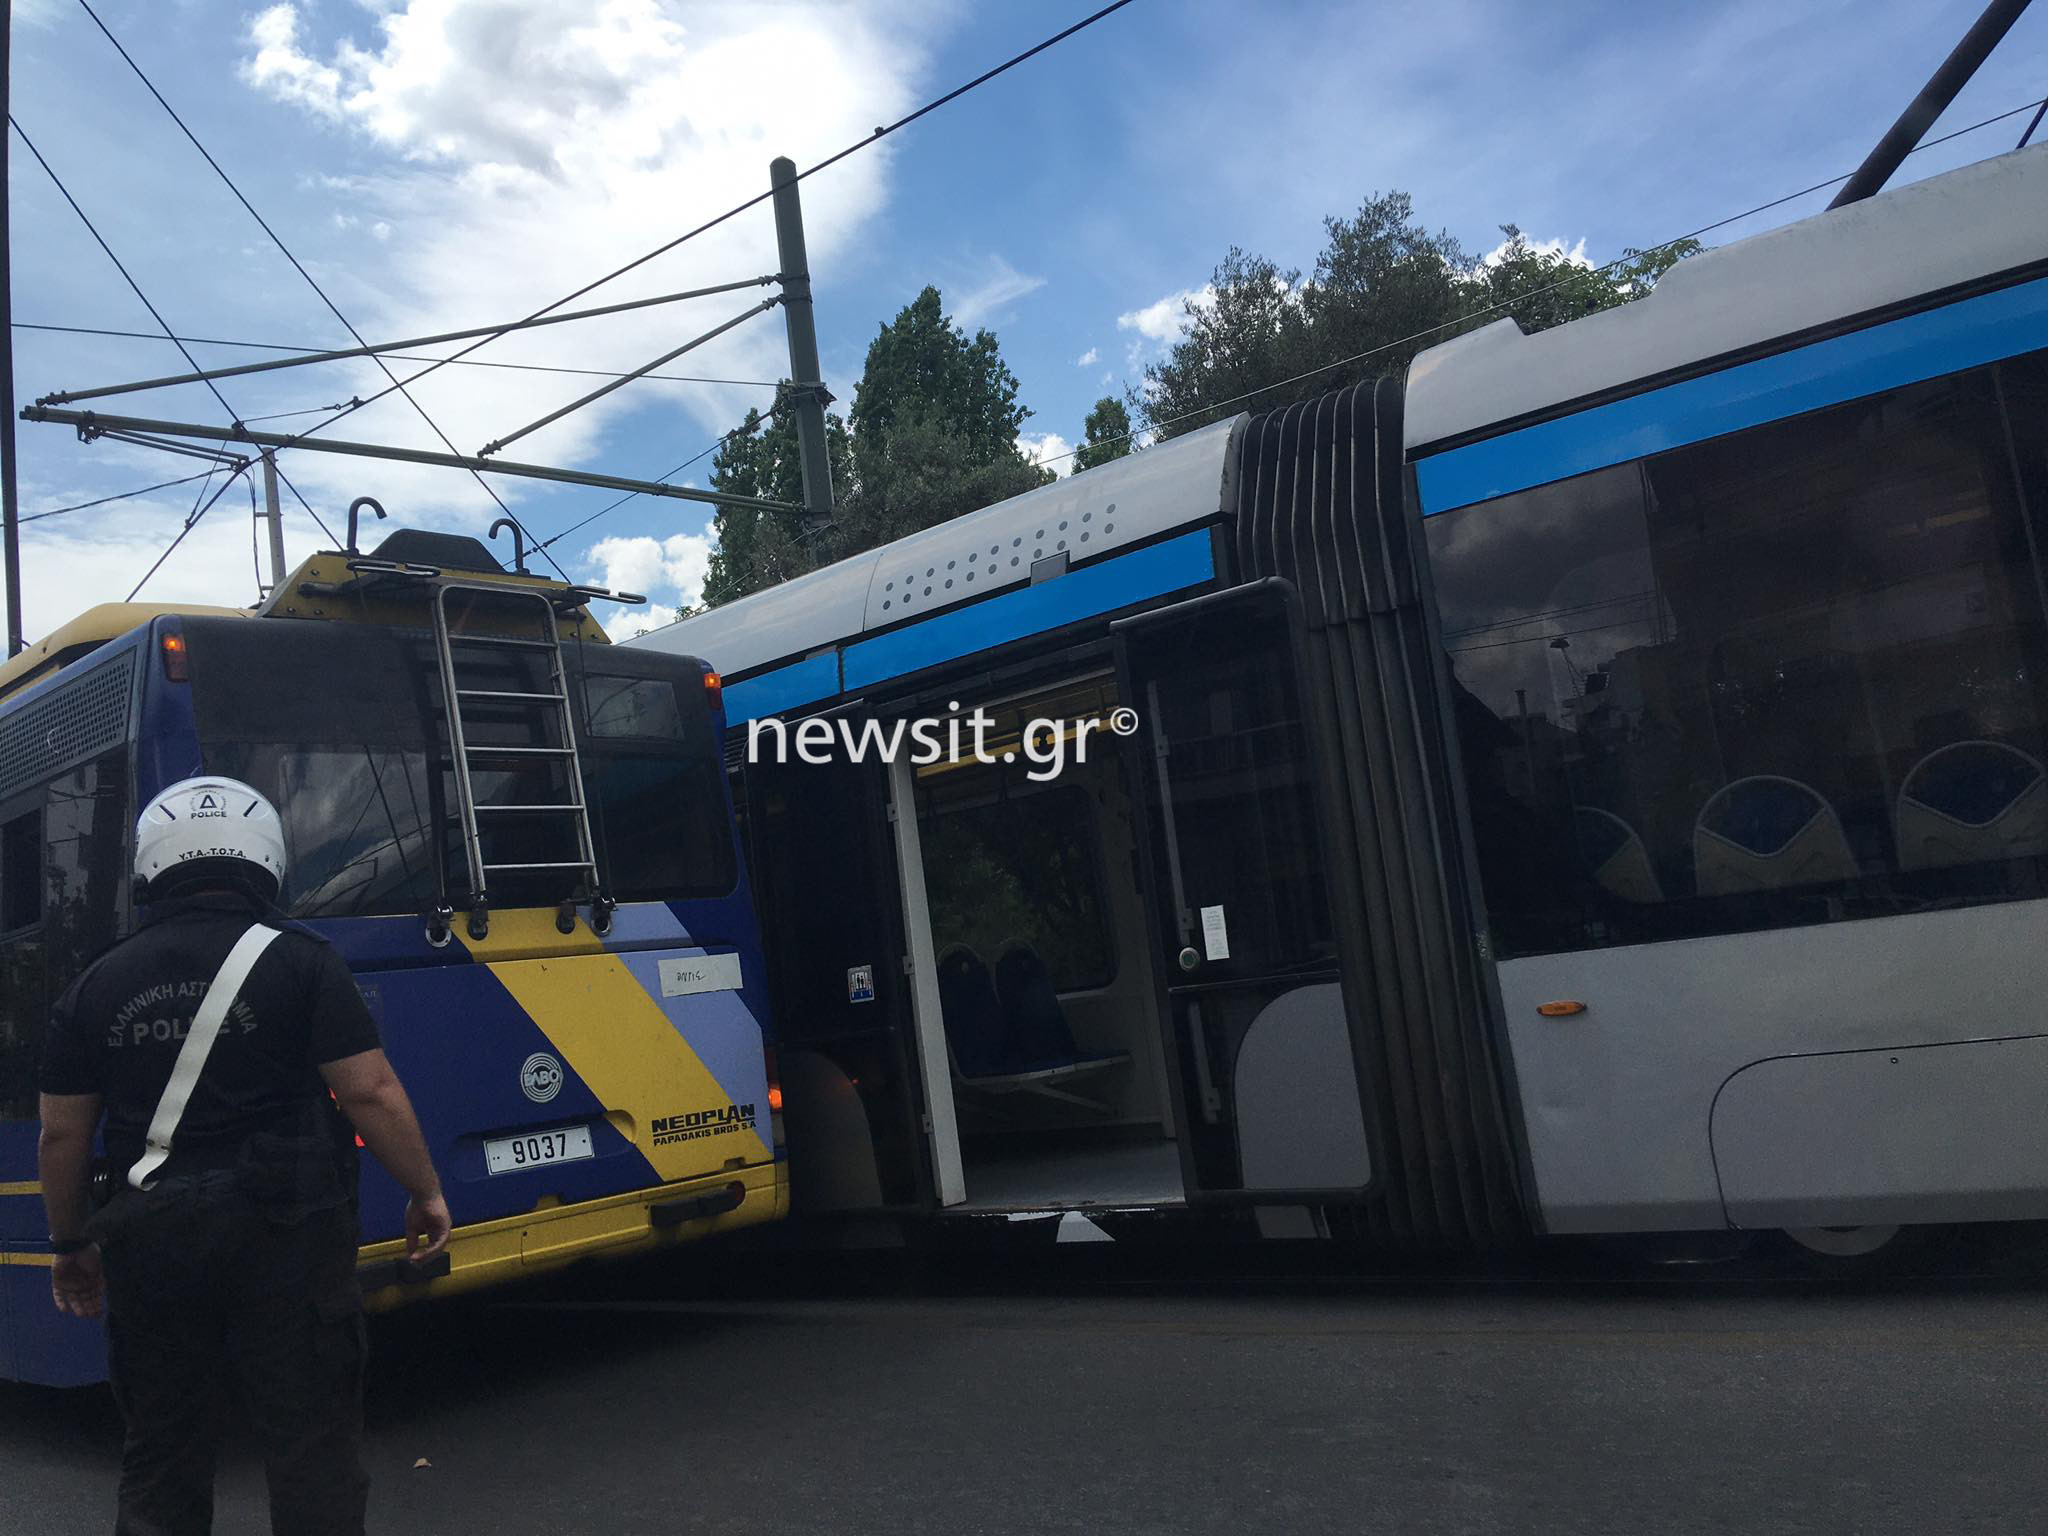 Σύγκρουση τρόλεϊ με τραμ στην Αρδηττού (pics)